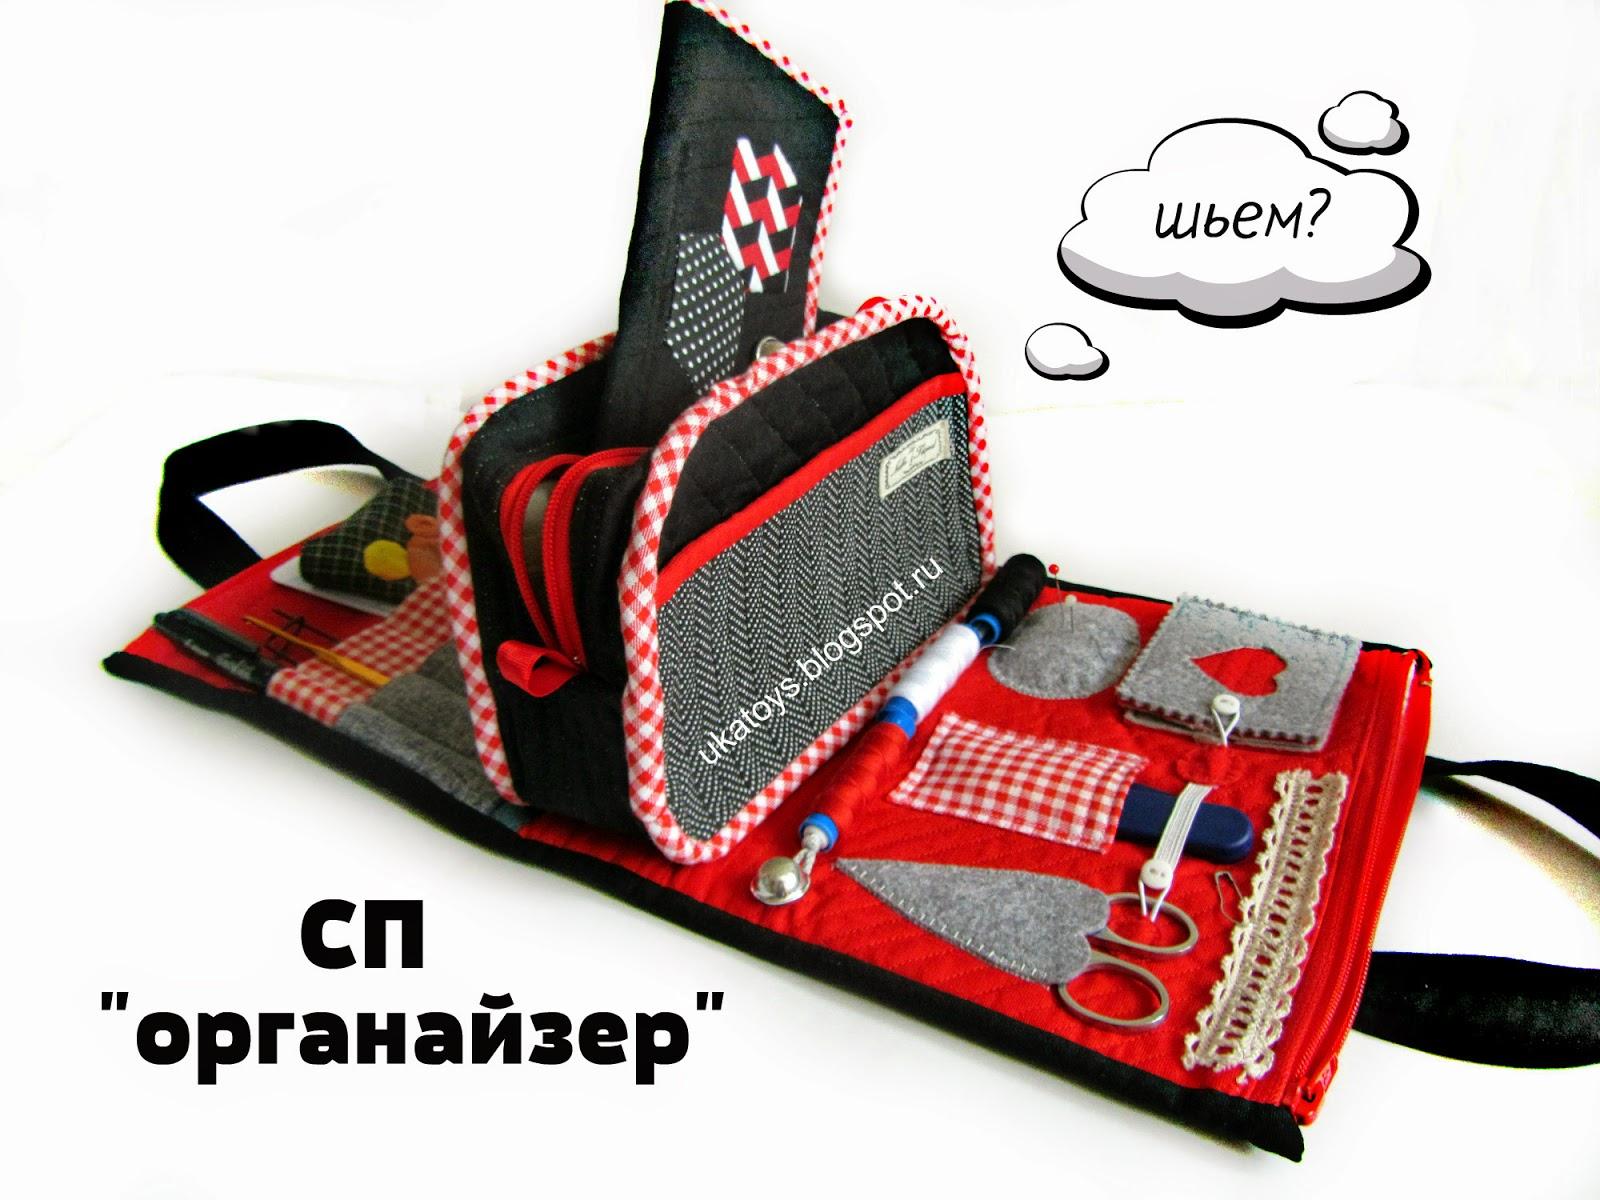 СП - рукодельный органайзер